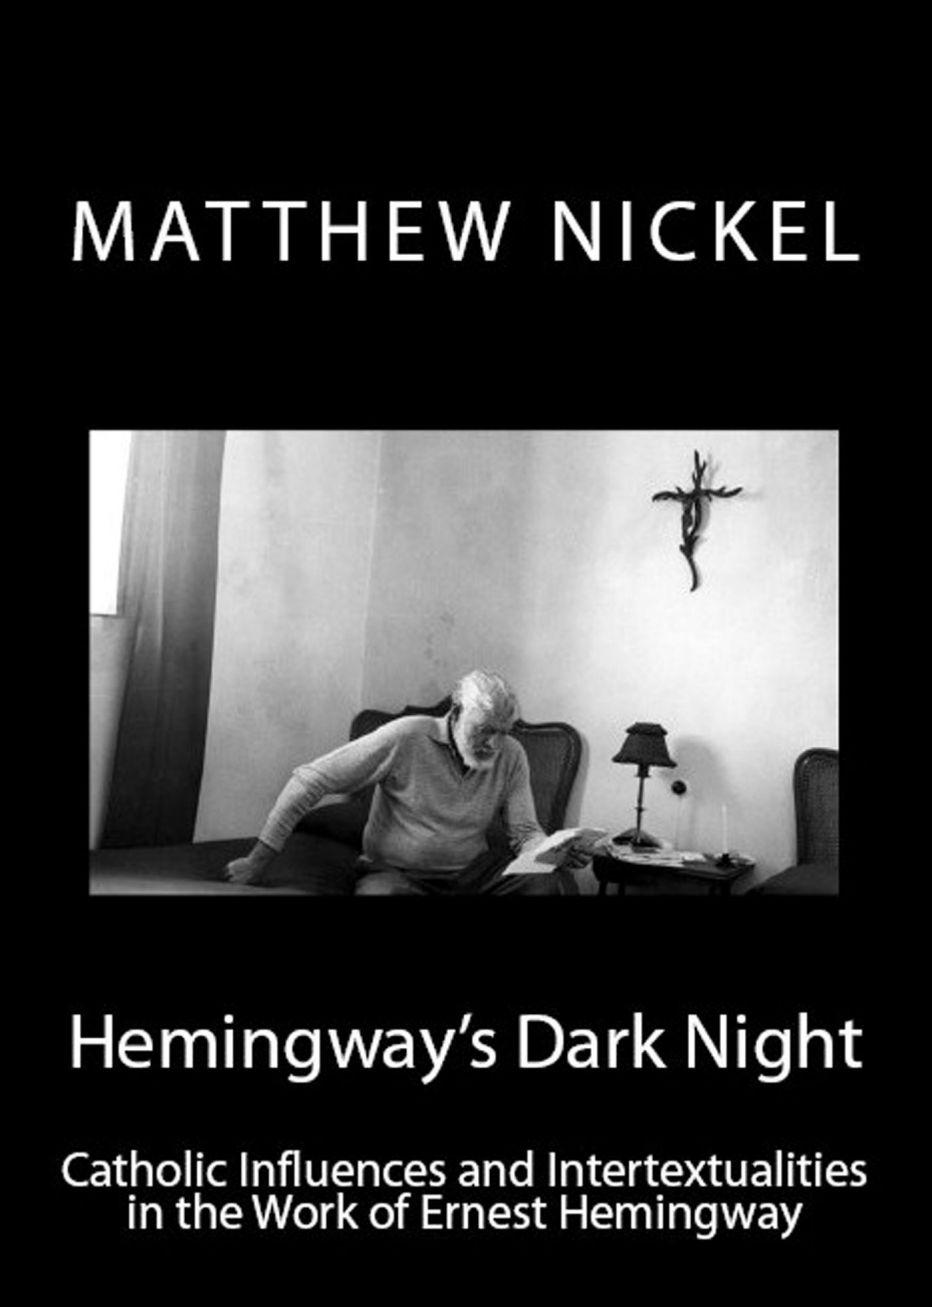 Hemingway's Dark Night